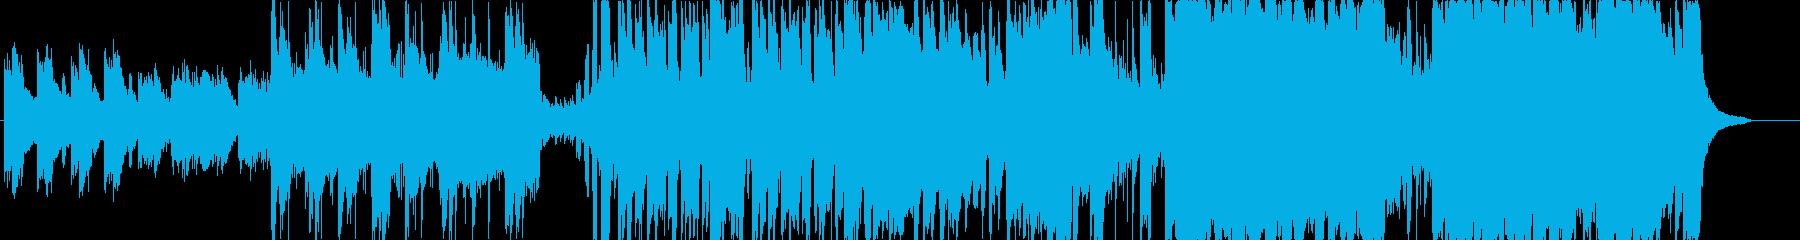 しっとりピアノのエレクトロニカ曲です。の再生済みの波形